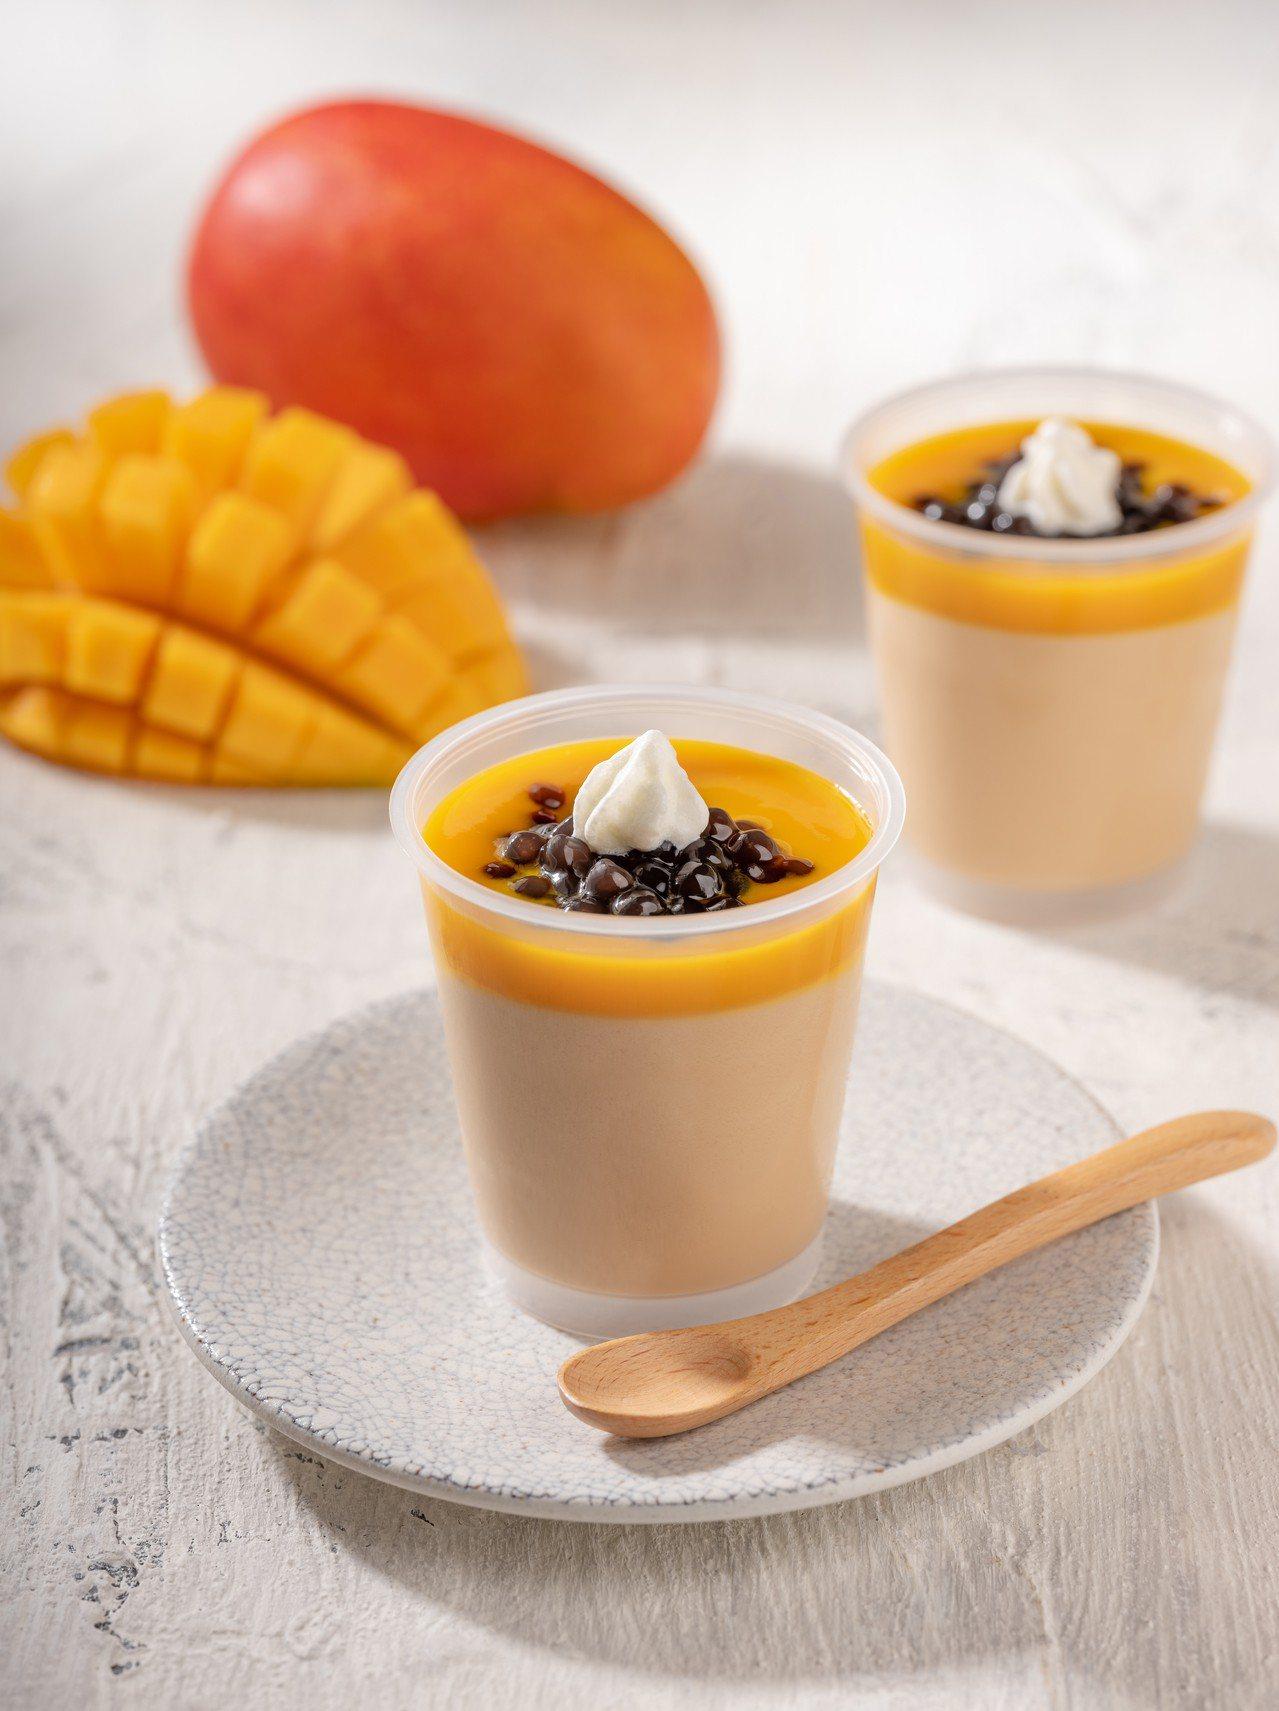 當珍珠遇到芒果,激迸出夏季甜美滋味。圖/春水堂提供